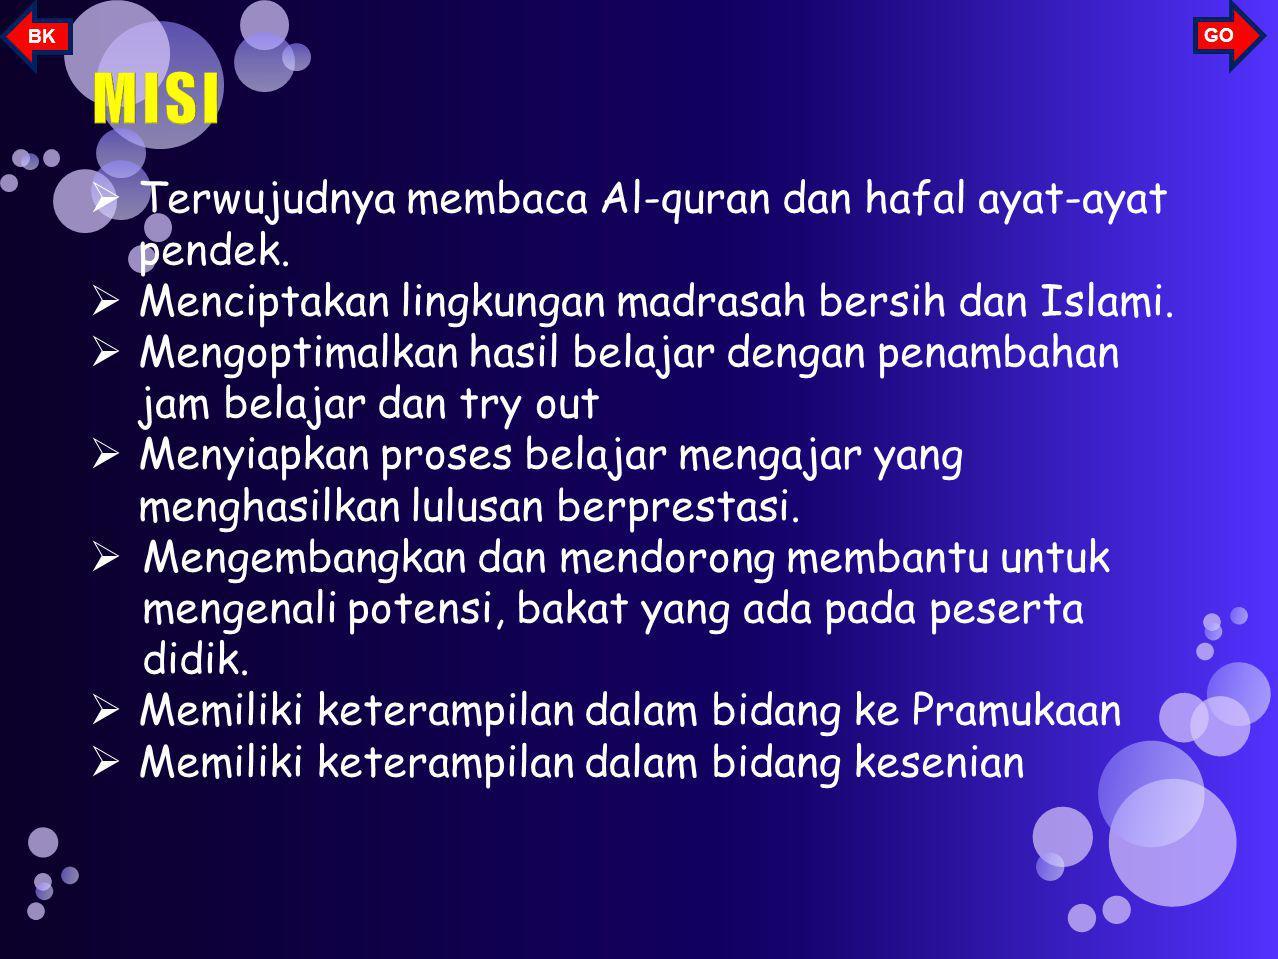  Terwujudnya membaca Al-quran dan hafal ayat-ayat pendek.